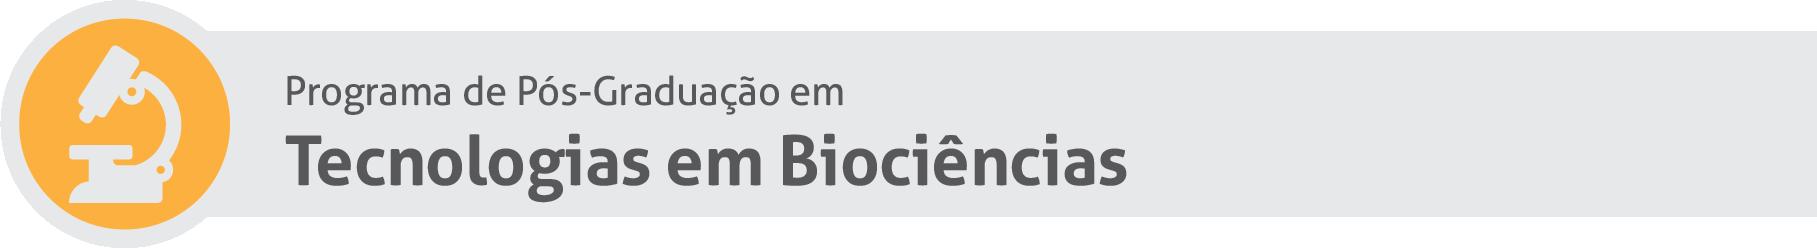 Tecnologias em Biociências.png